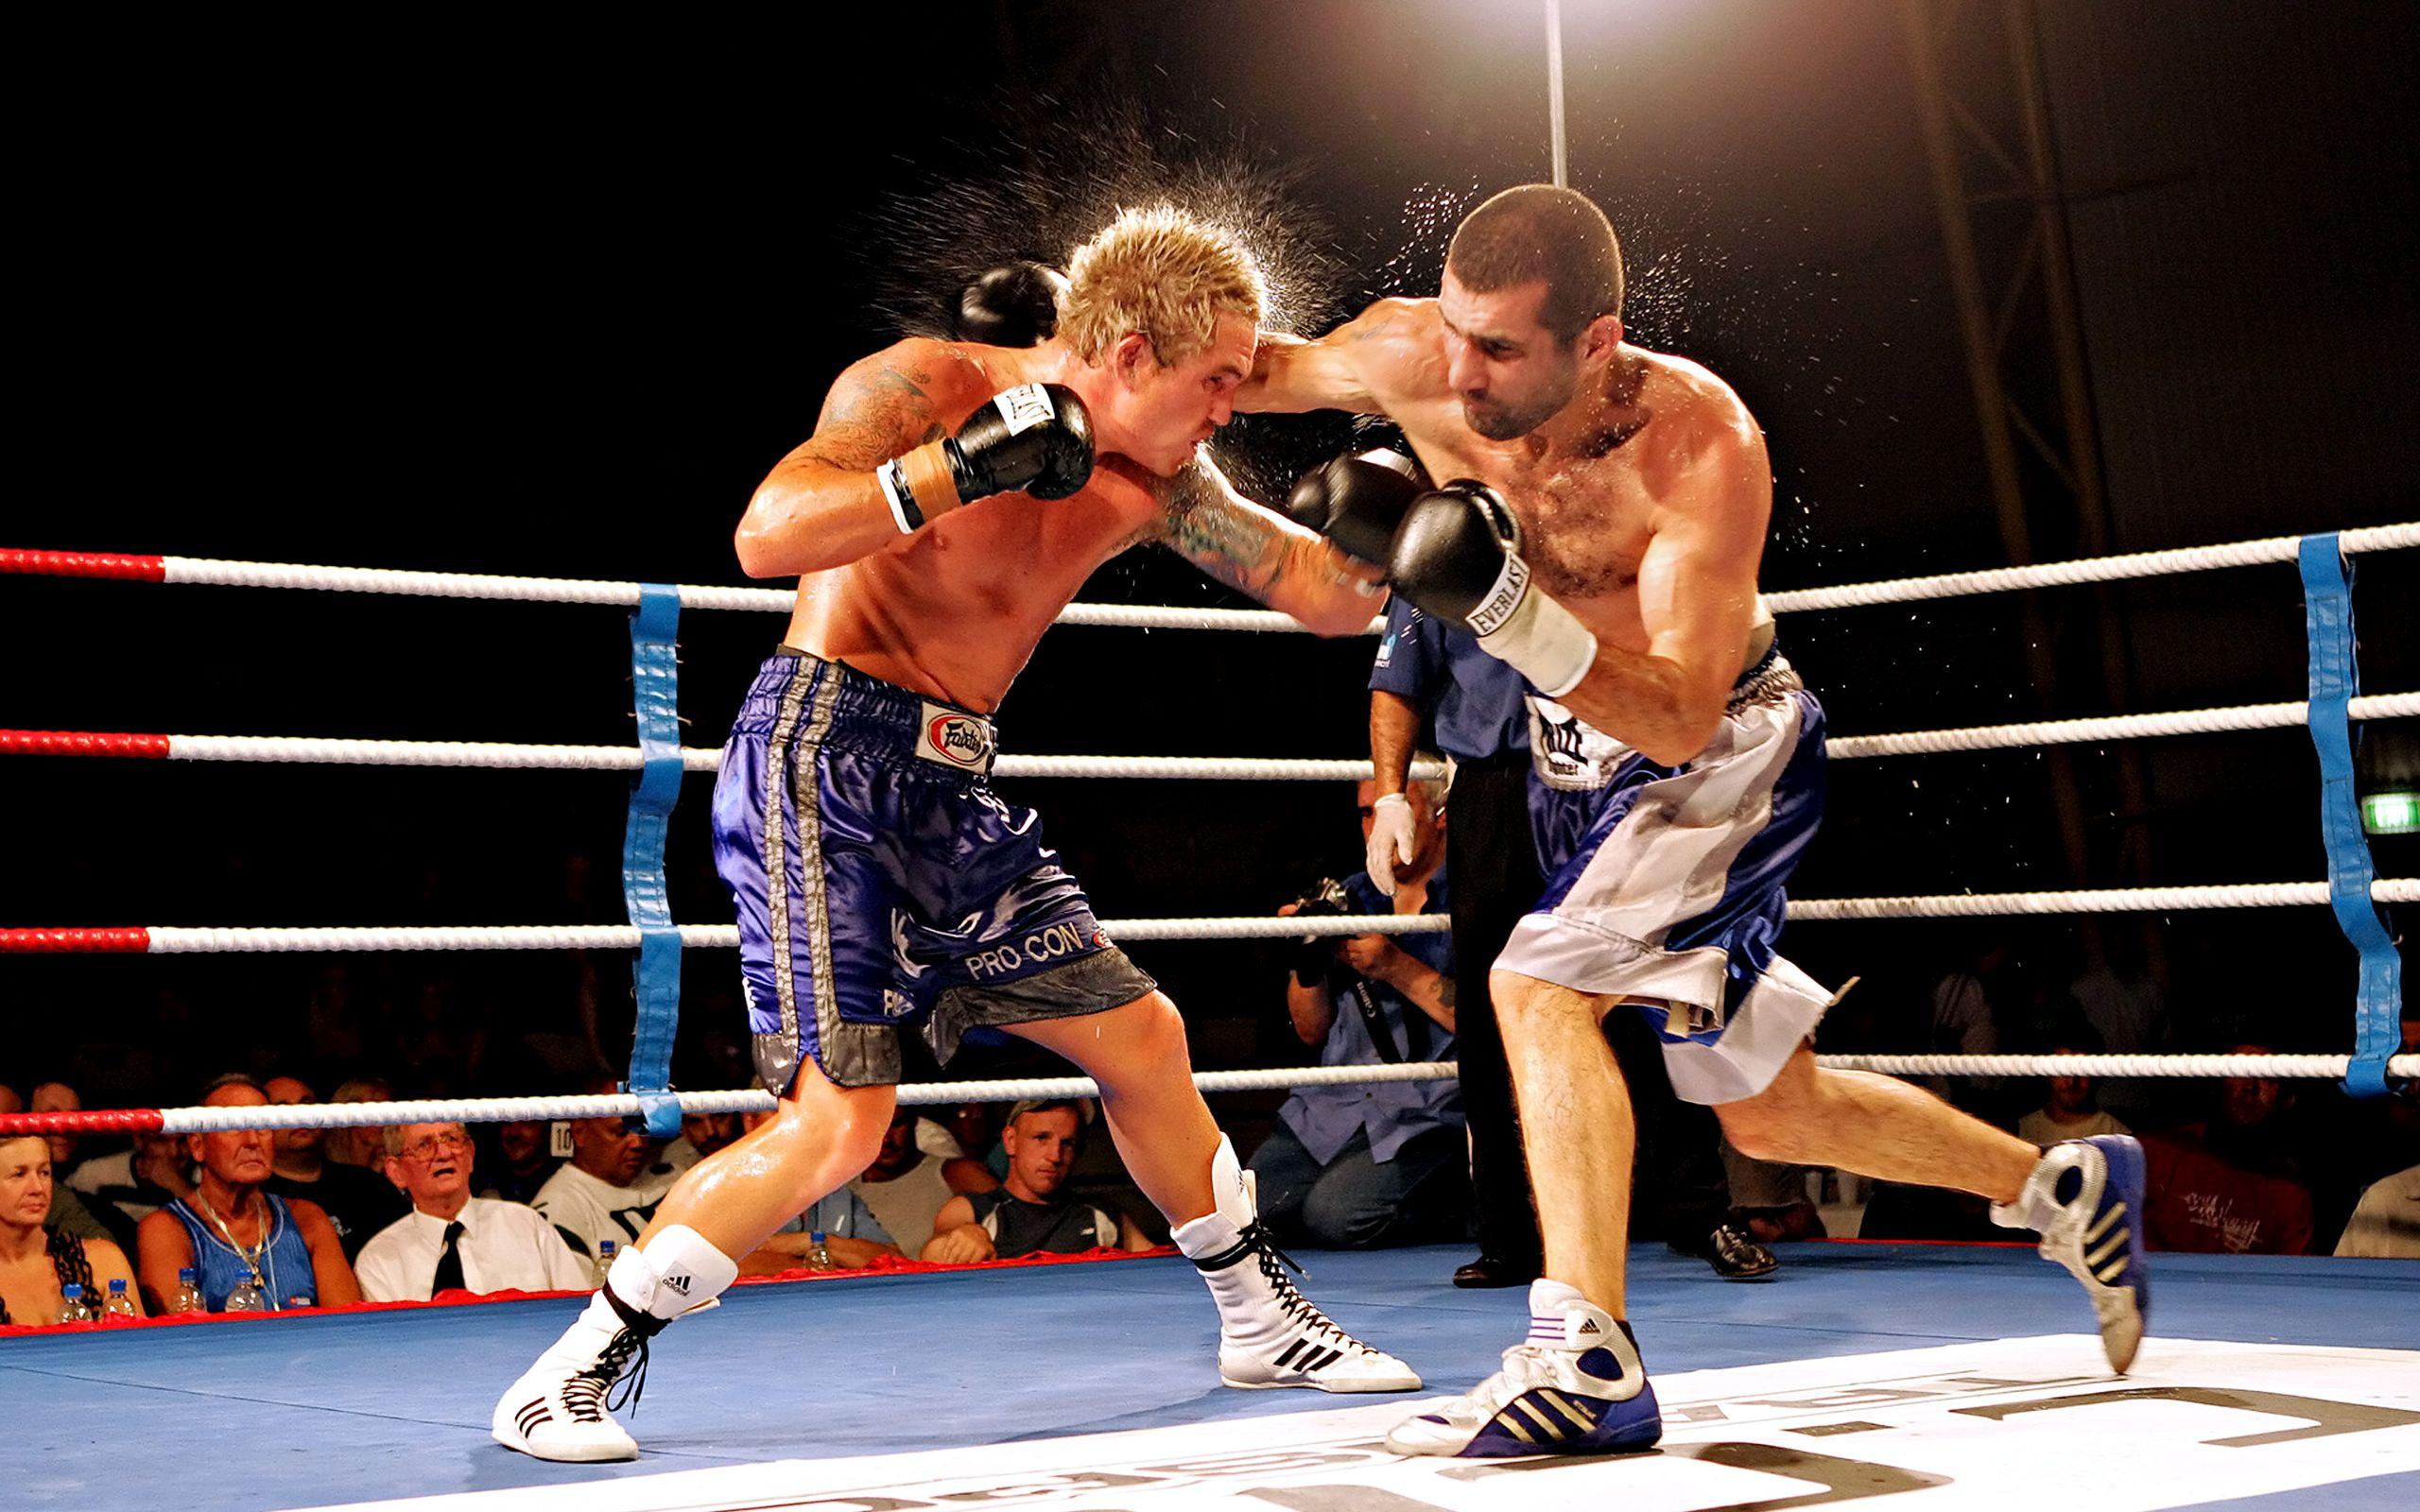 обои на рабочей стол тема бокс № 635869  скачать